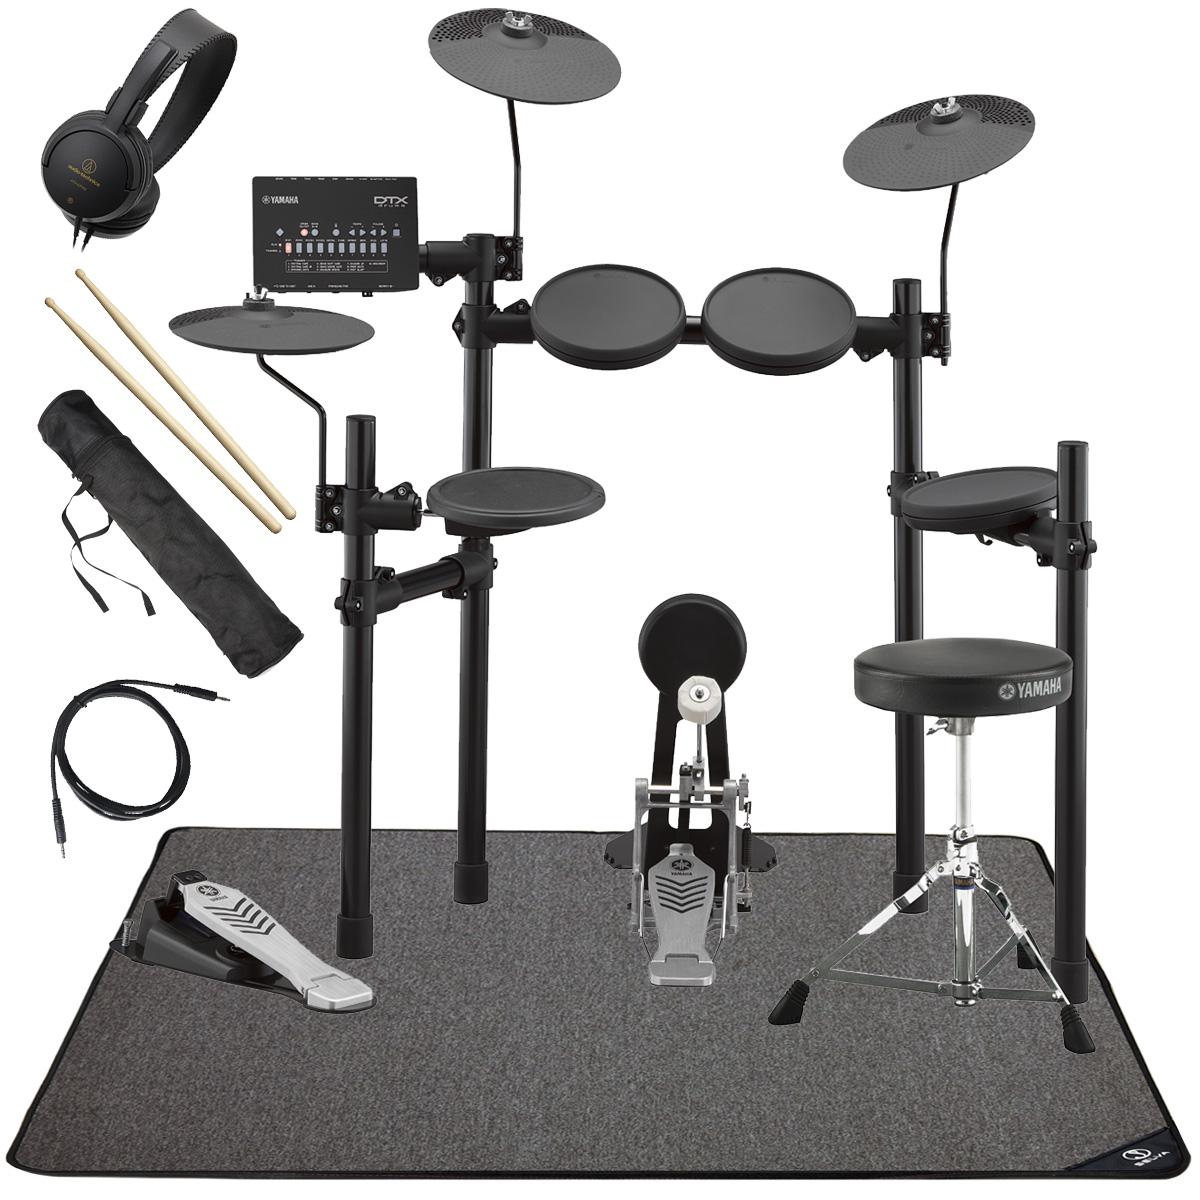 【別倉庫からの配送】 【タイムセール:30日12時まで】【在庫あります】YAMAHA 電子ドラム/ DTX452KS DTX452KS 電子ドラム/ マット付き オリジナルスターターパックver2【YRK】, モジク:28e85254 --- sturmhofman.nl